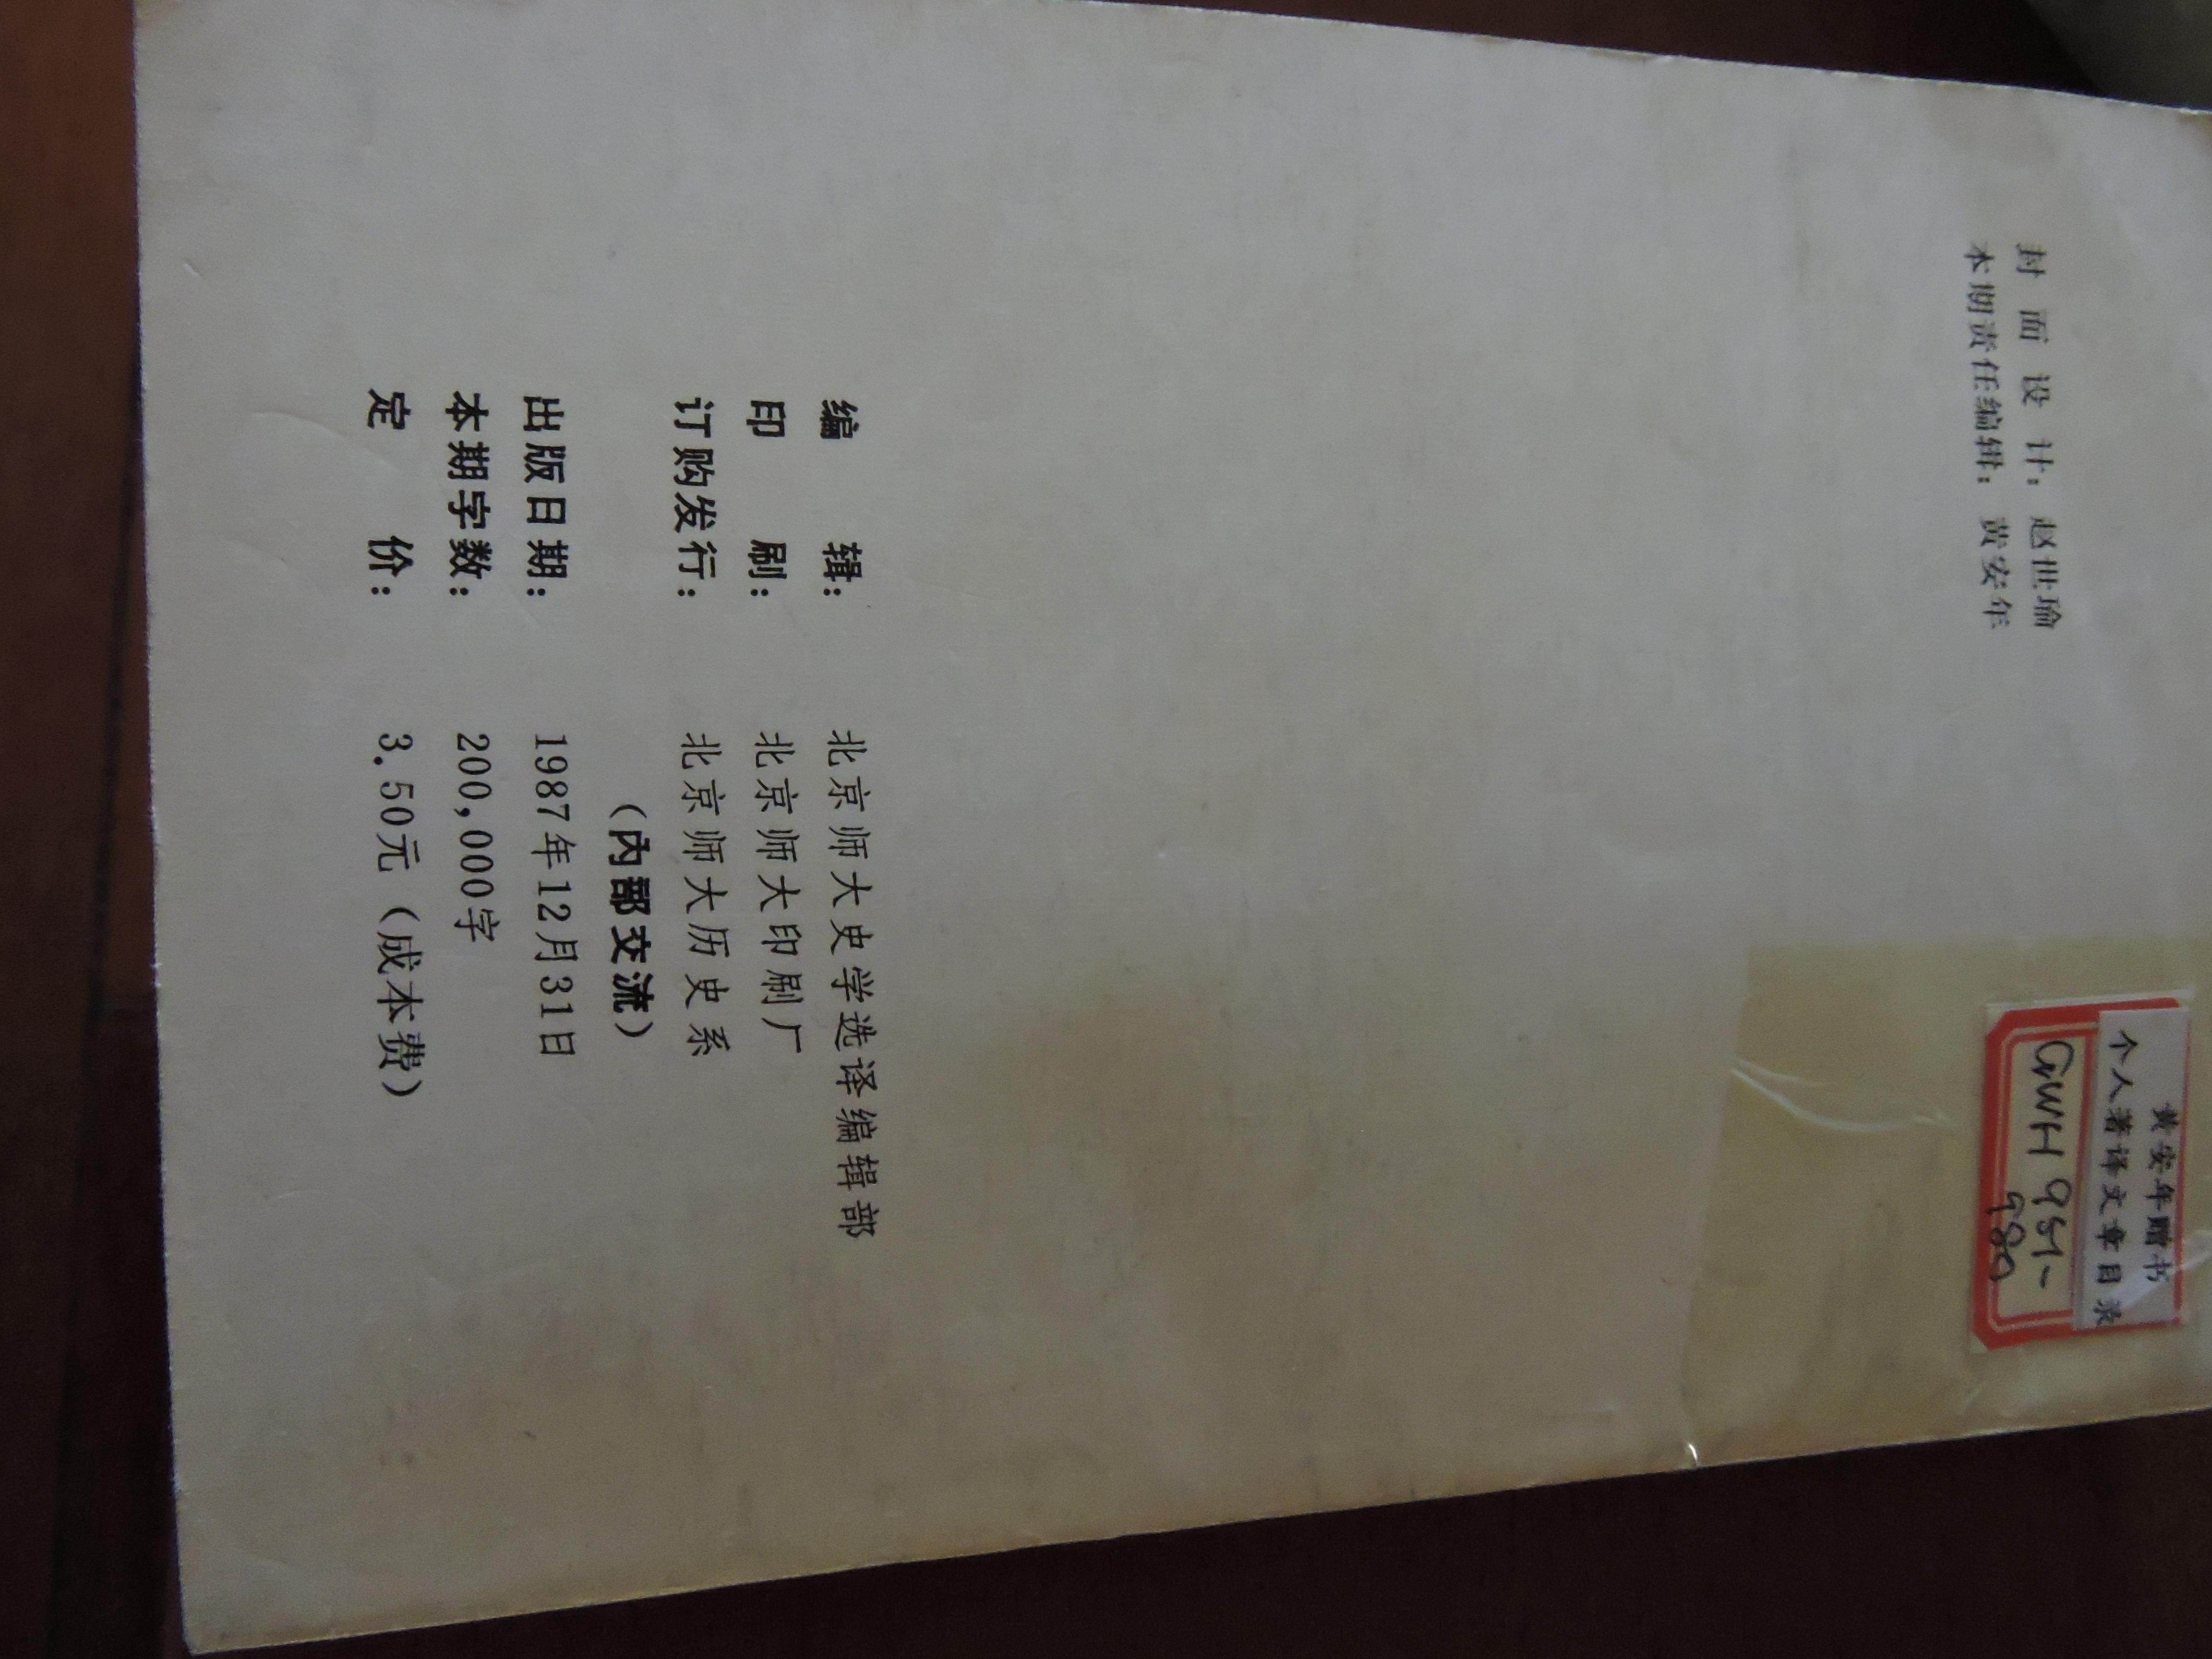 DSCN8639 - Copy.JPG